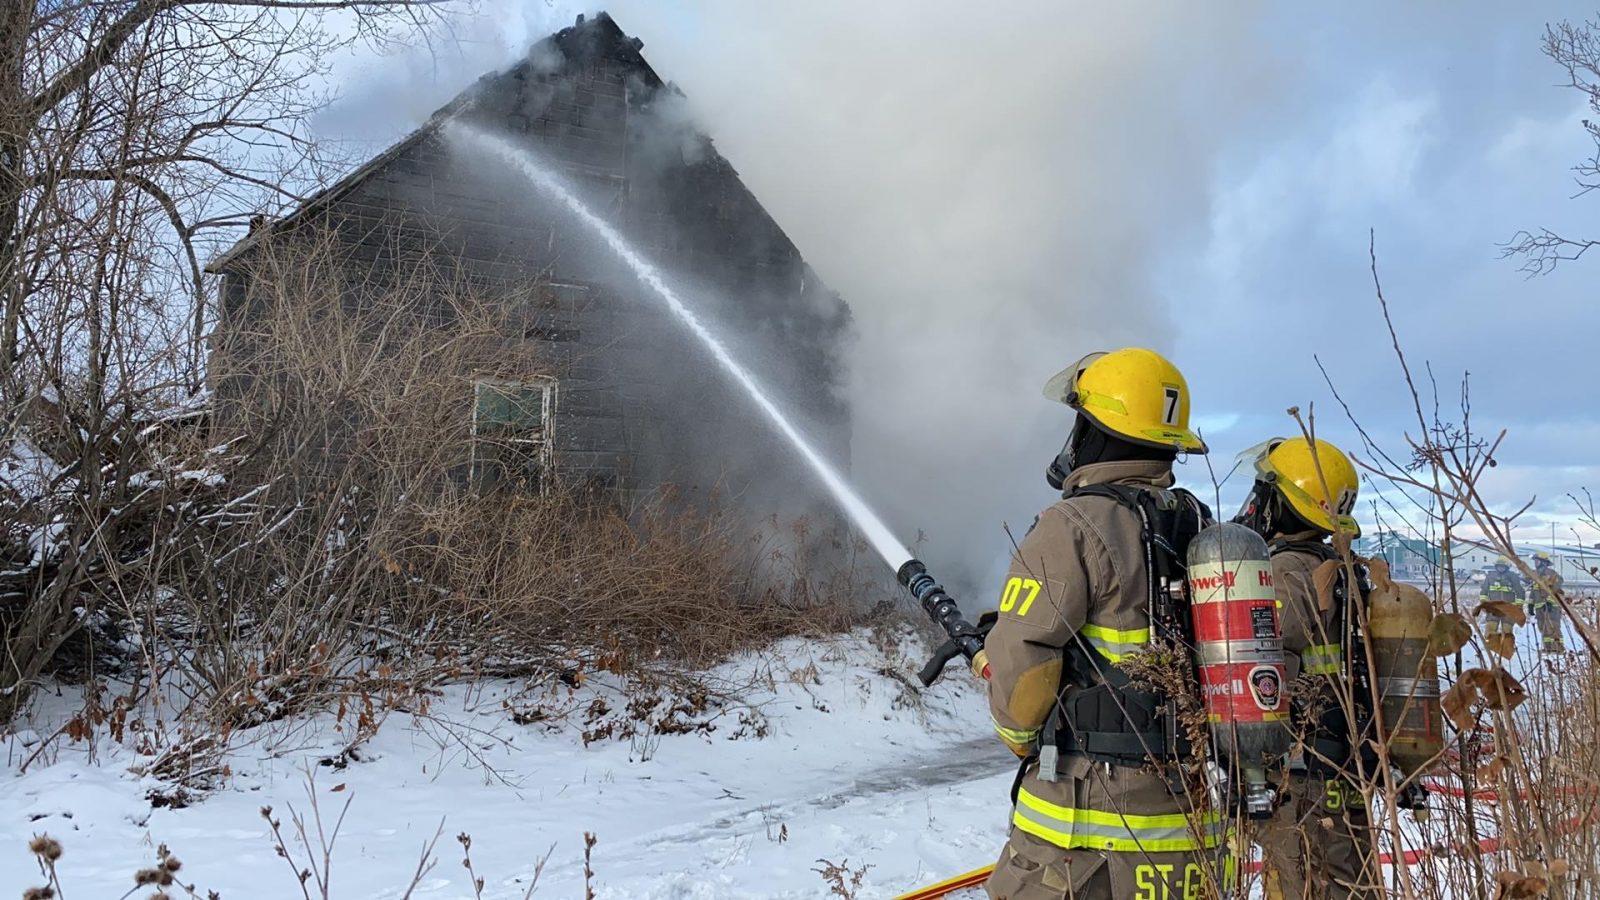 Un maison abandonnée en flammes à Saint-Germain